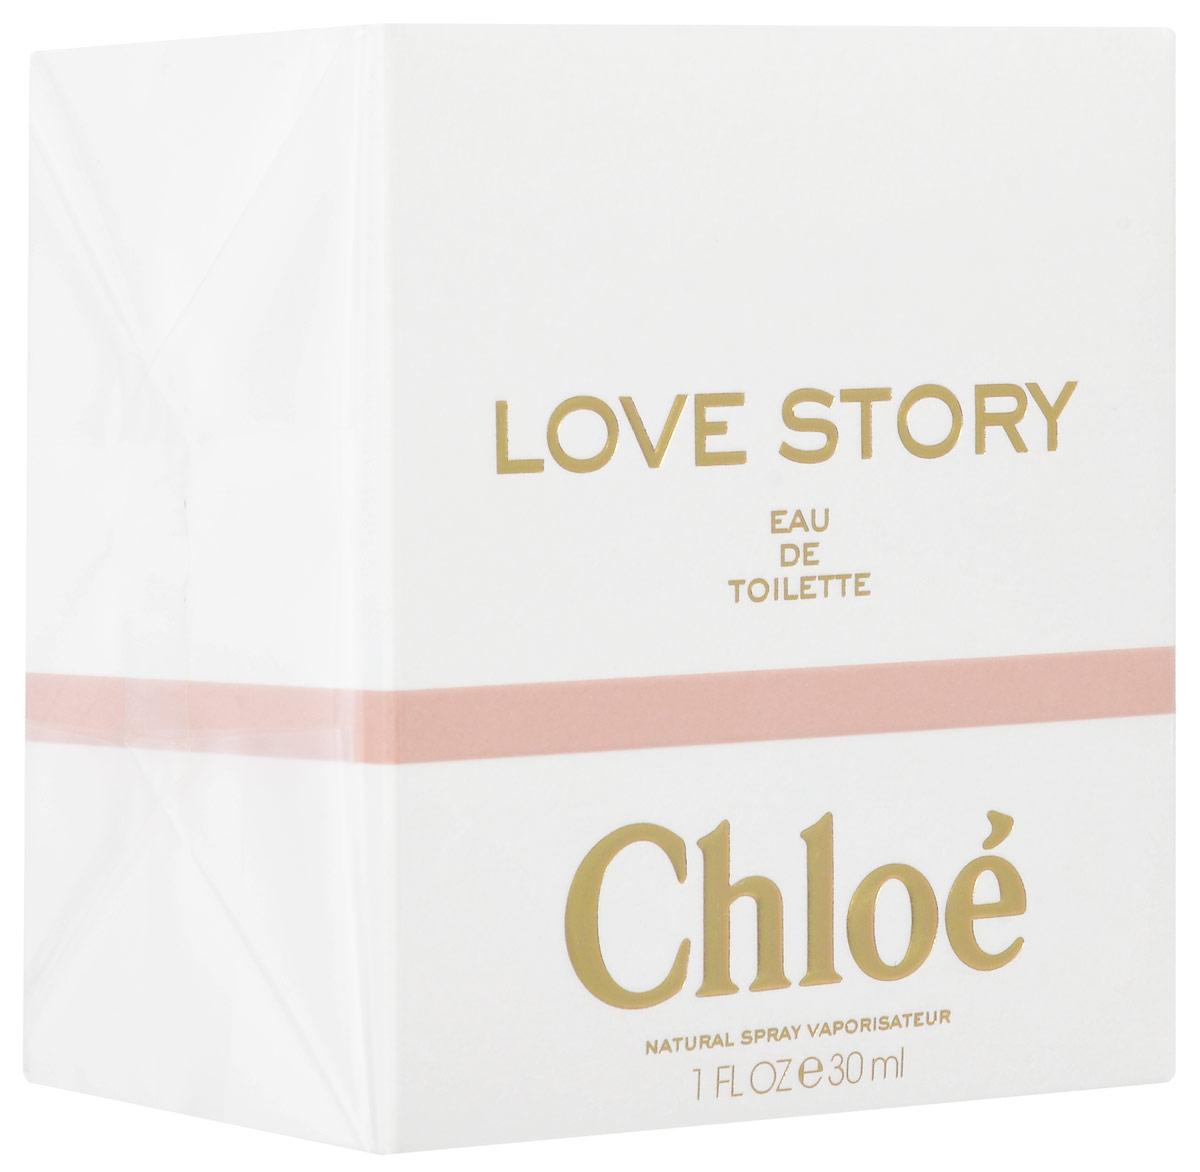 Chloe Love Story Туалетная вода женская 30 мл1301210Особенное утро, наполненное сверкающим светом. Нежный цветочный аромат бутонов апельсина сливается со свежестью утренней росы. Она вспоминает их смех. Искры настурции, легкая перчинка - эти ноты заставляют ее трепетать от неги. Этот цветок - символ любви, который дается лишь тому, кто готов открыть своё сердце. Воспоминания о пламенном свидании в пустом городе, они - рука об руку. Настоящая близость. Цветущая слива раскрывает природную чувственность. Невероятно изысканное звучание, обрамленное цветочными нотами. Туалетная вода Chloe Love Story - это новая история любви. Свежий, цветочный и очень чувственный аромат. Чистый соблазн, нанесенный на кожу.Верхняя нота: Бергамот; ноты сердца: Апельсин, Слива, Настурция, Ландыш.Средняя нота: Роза.Шлейф: белый мускус.Цветущая слива раскрывает природную чувственность.Дневной и вечерний аромат.